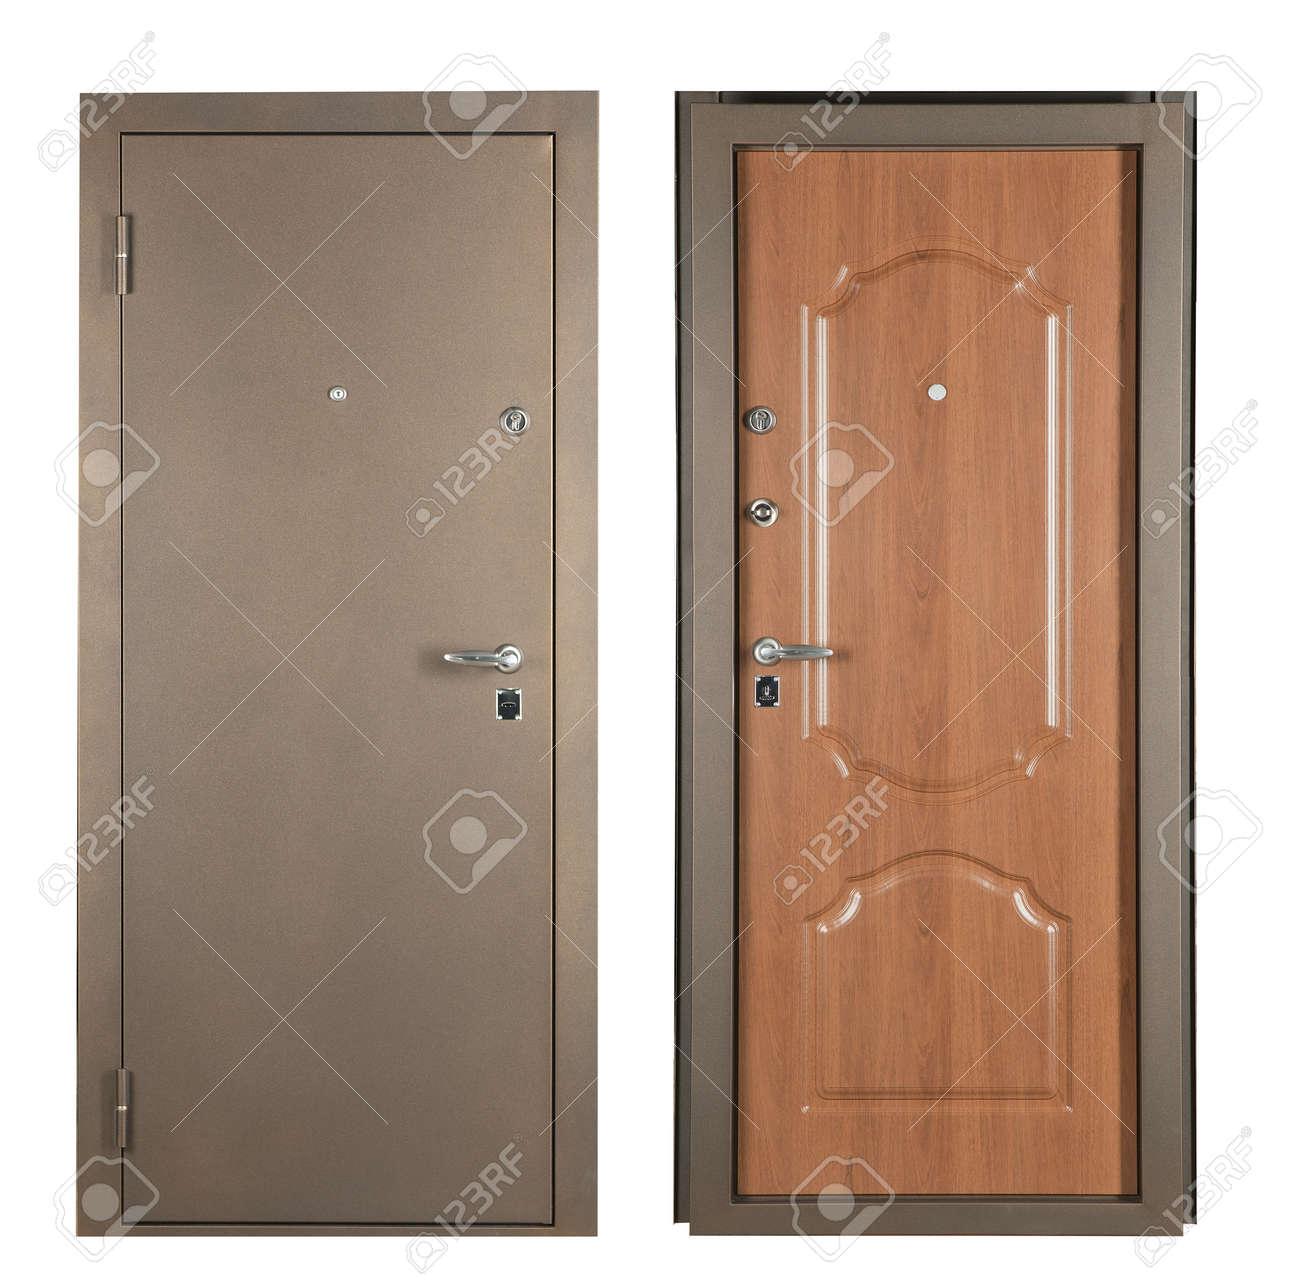 Reparar Puertas Lacadas En Blanco Boda Vintage With Reparar  ~ Reparar Puertas Lacadas En Blanco